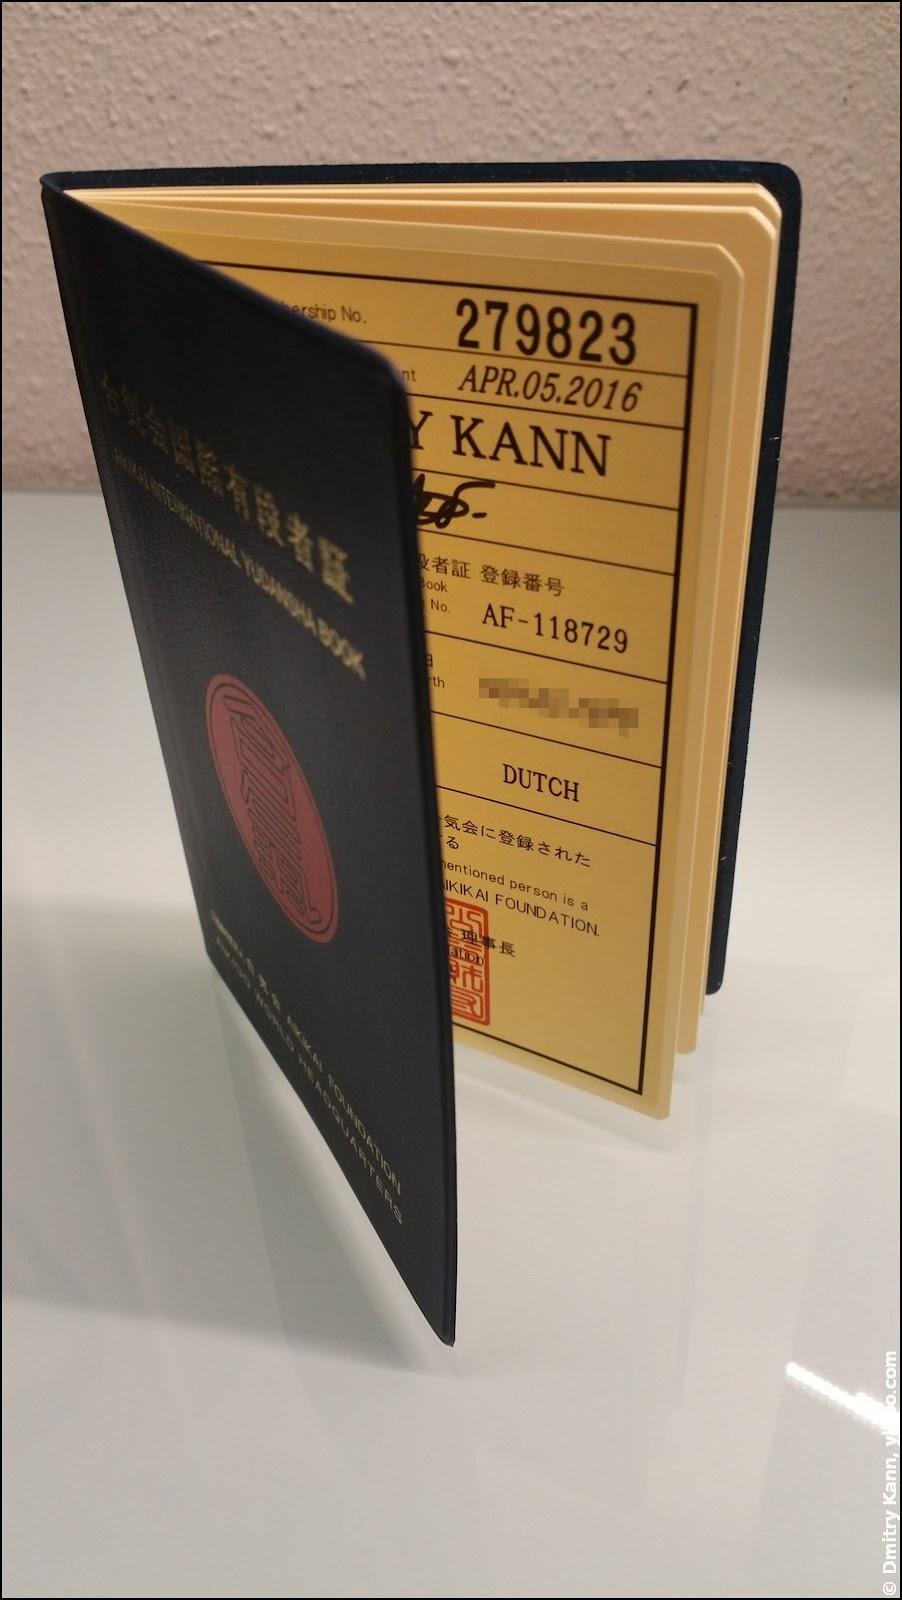 Aikidoka's passport.